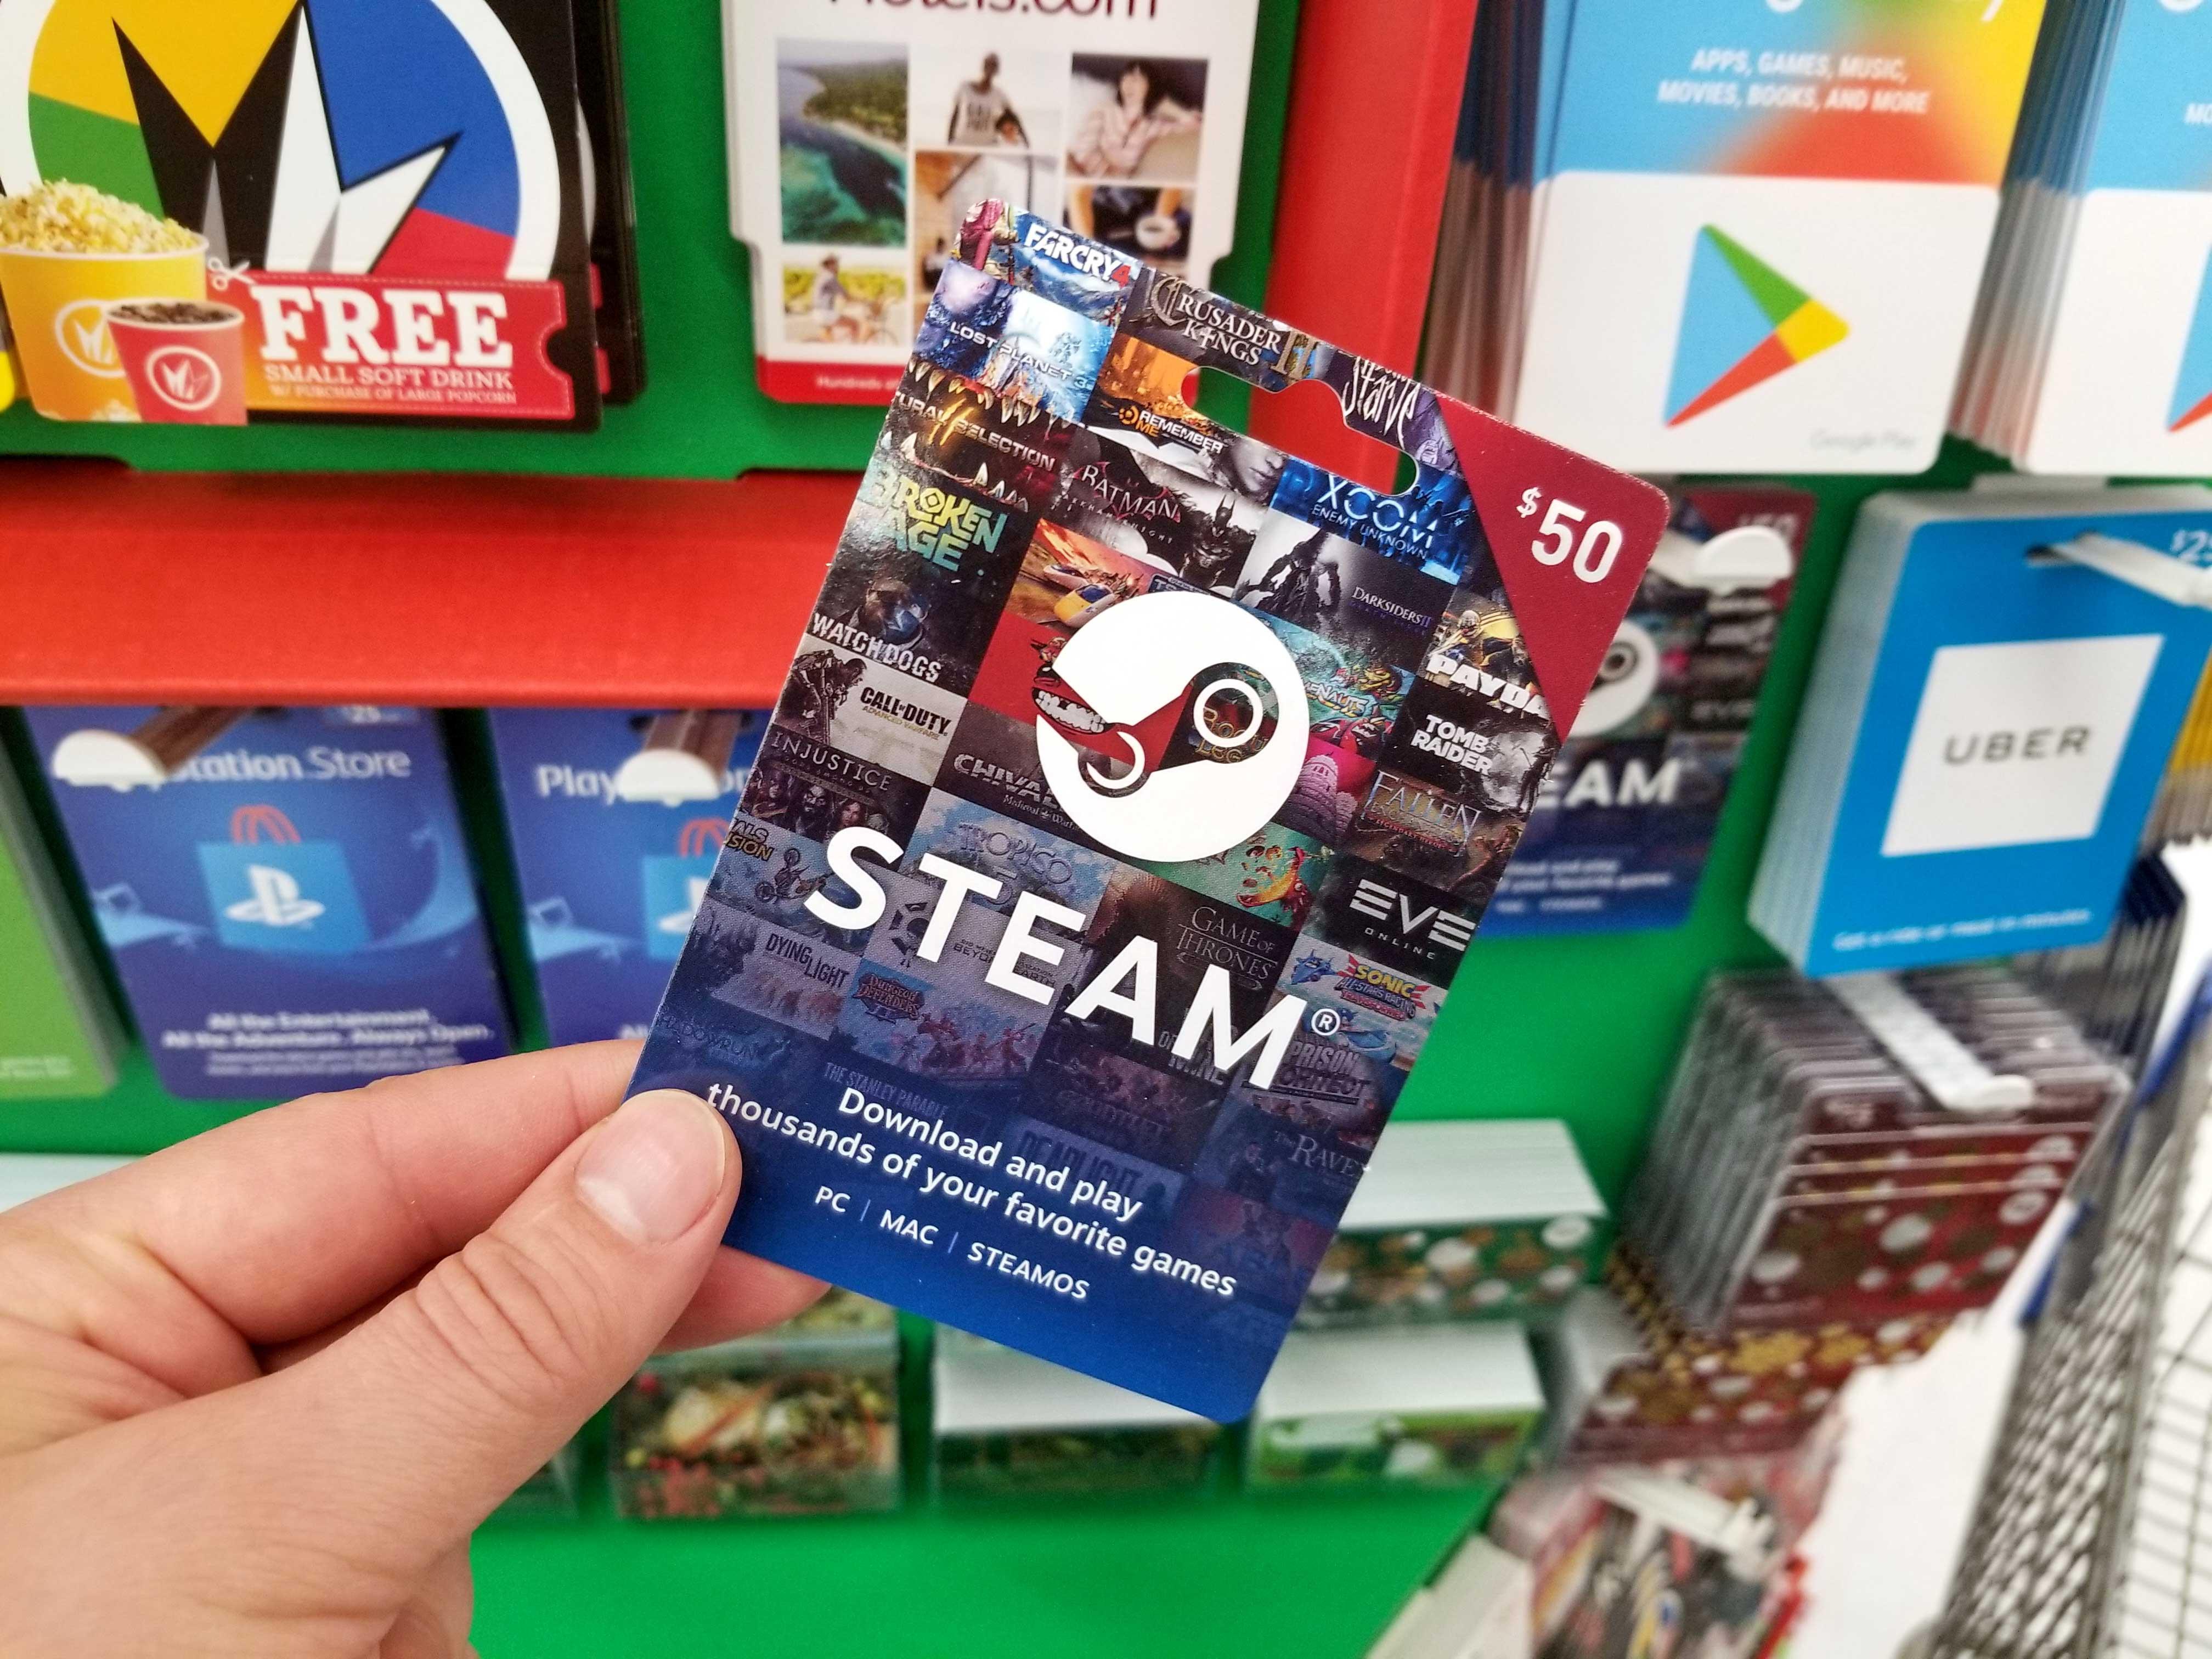 steam-gift-card, We Game All Night, wegameallnight.com